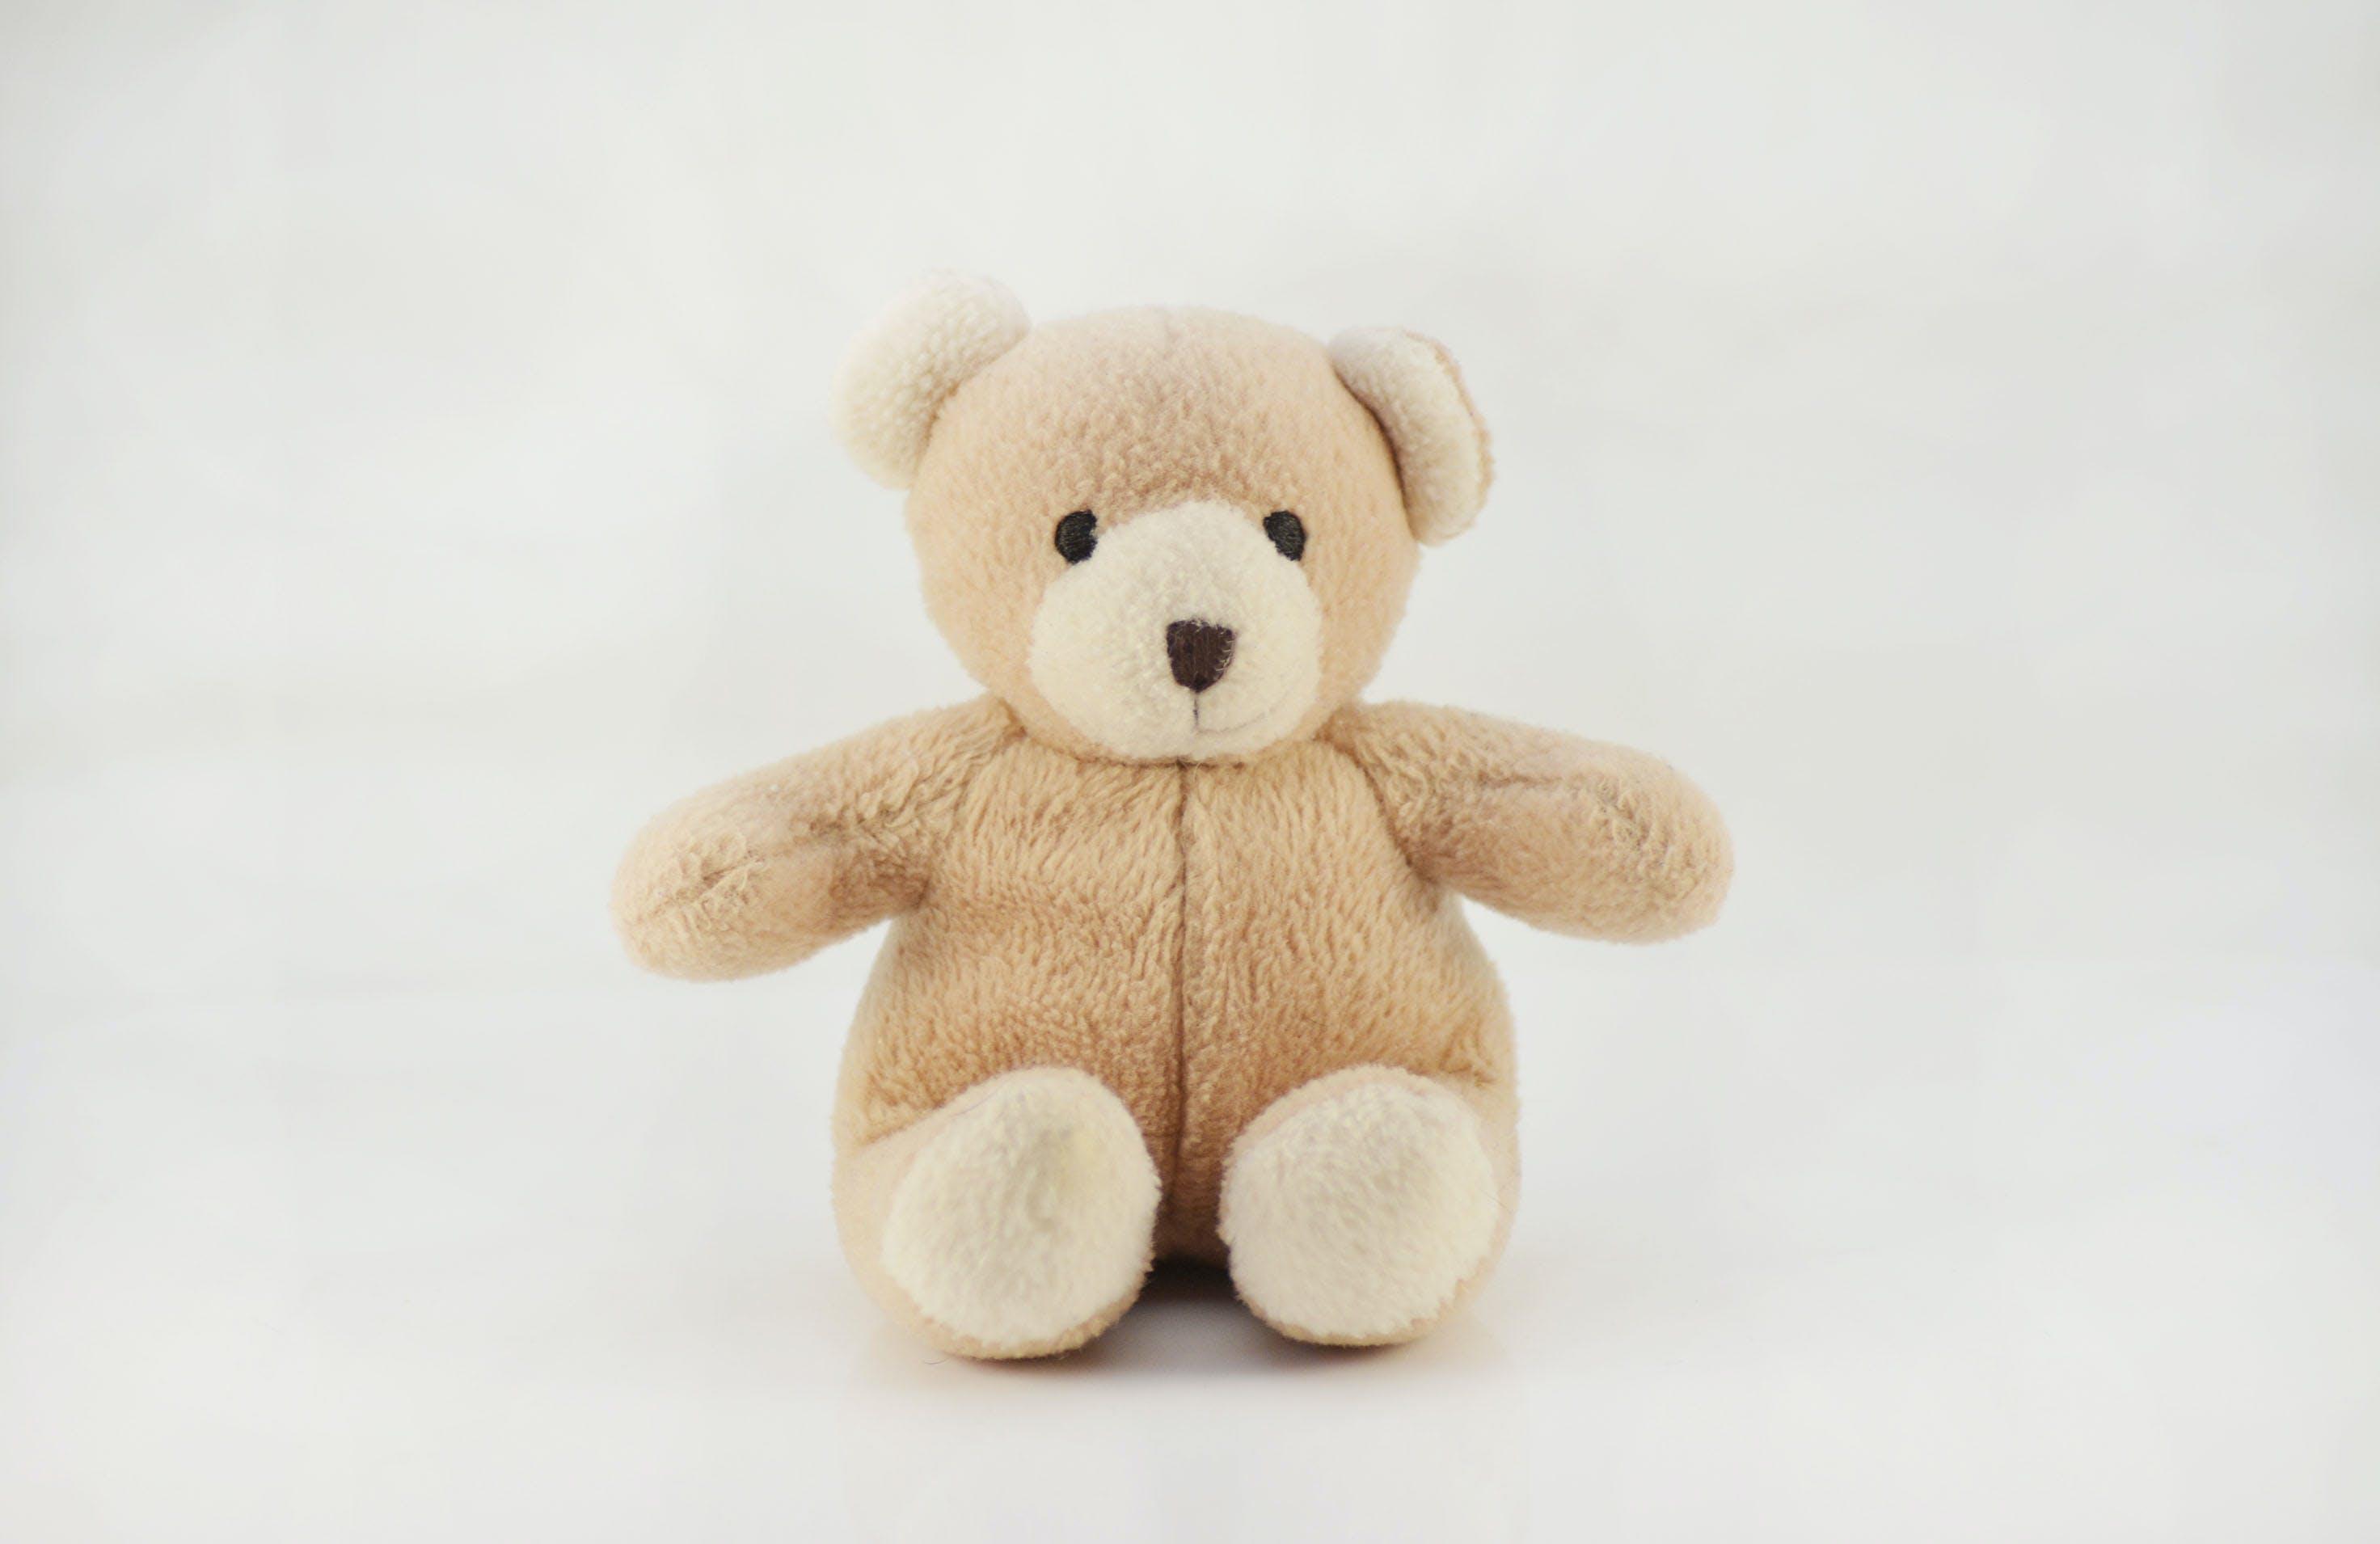 Gratis lagerfoto af bamse, bjørn, brun bamse, brun bjørn